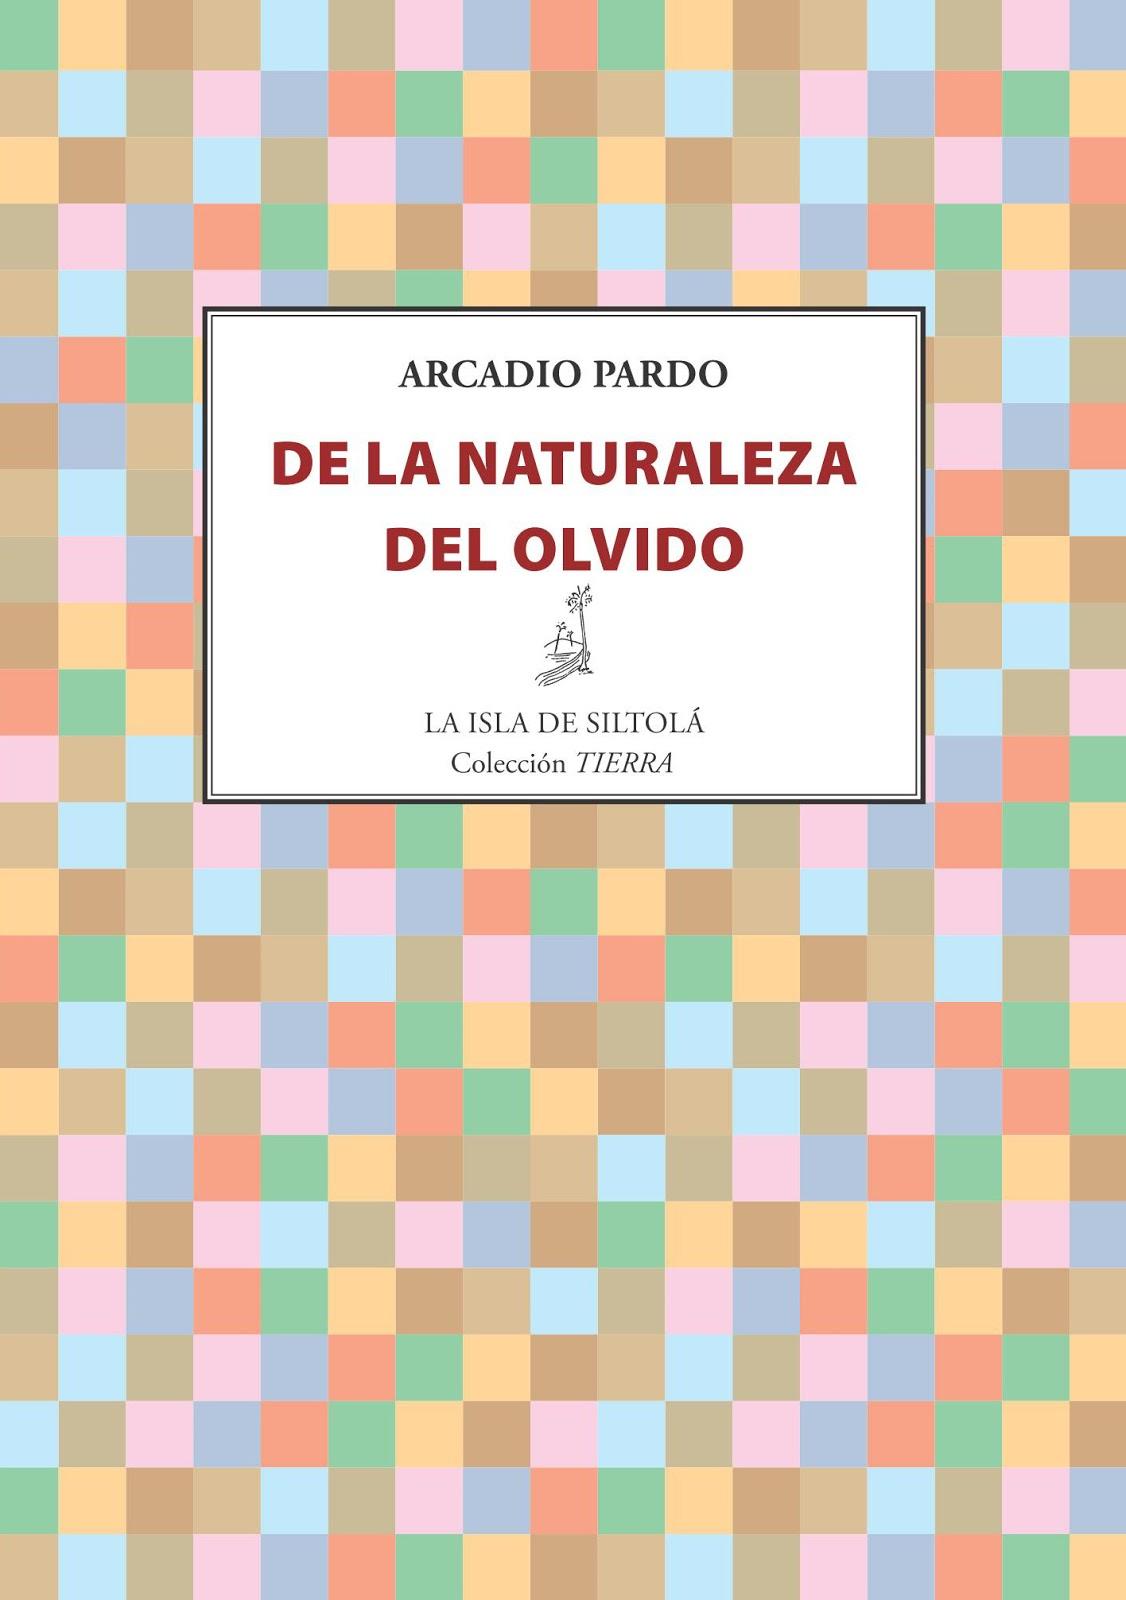 'De la naturaleza del olvido' de Arcadio Pardo